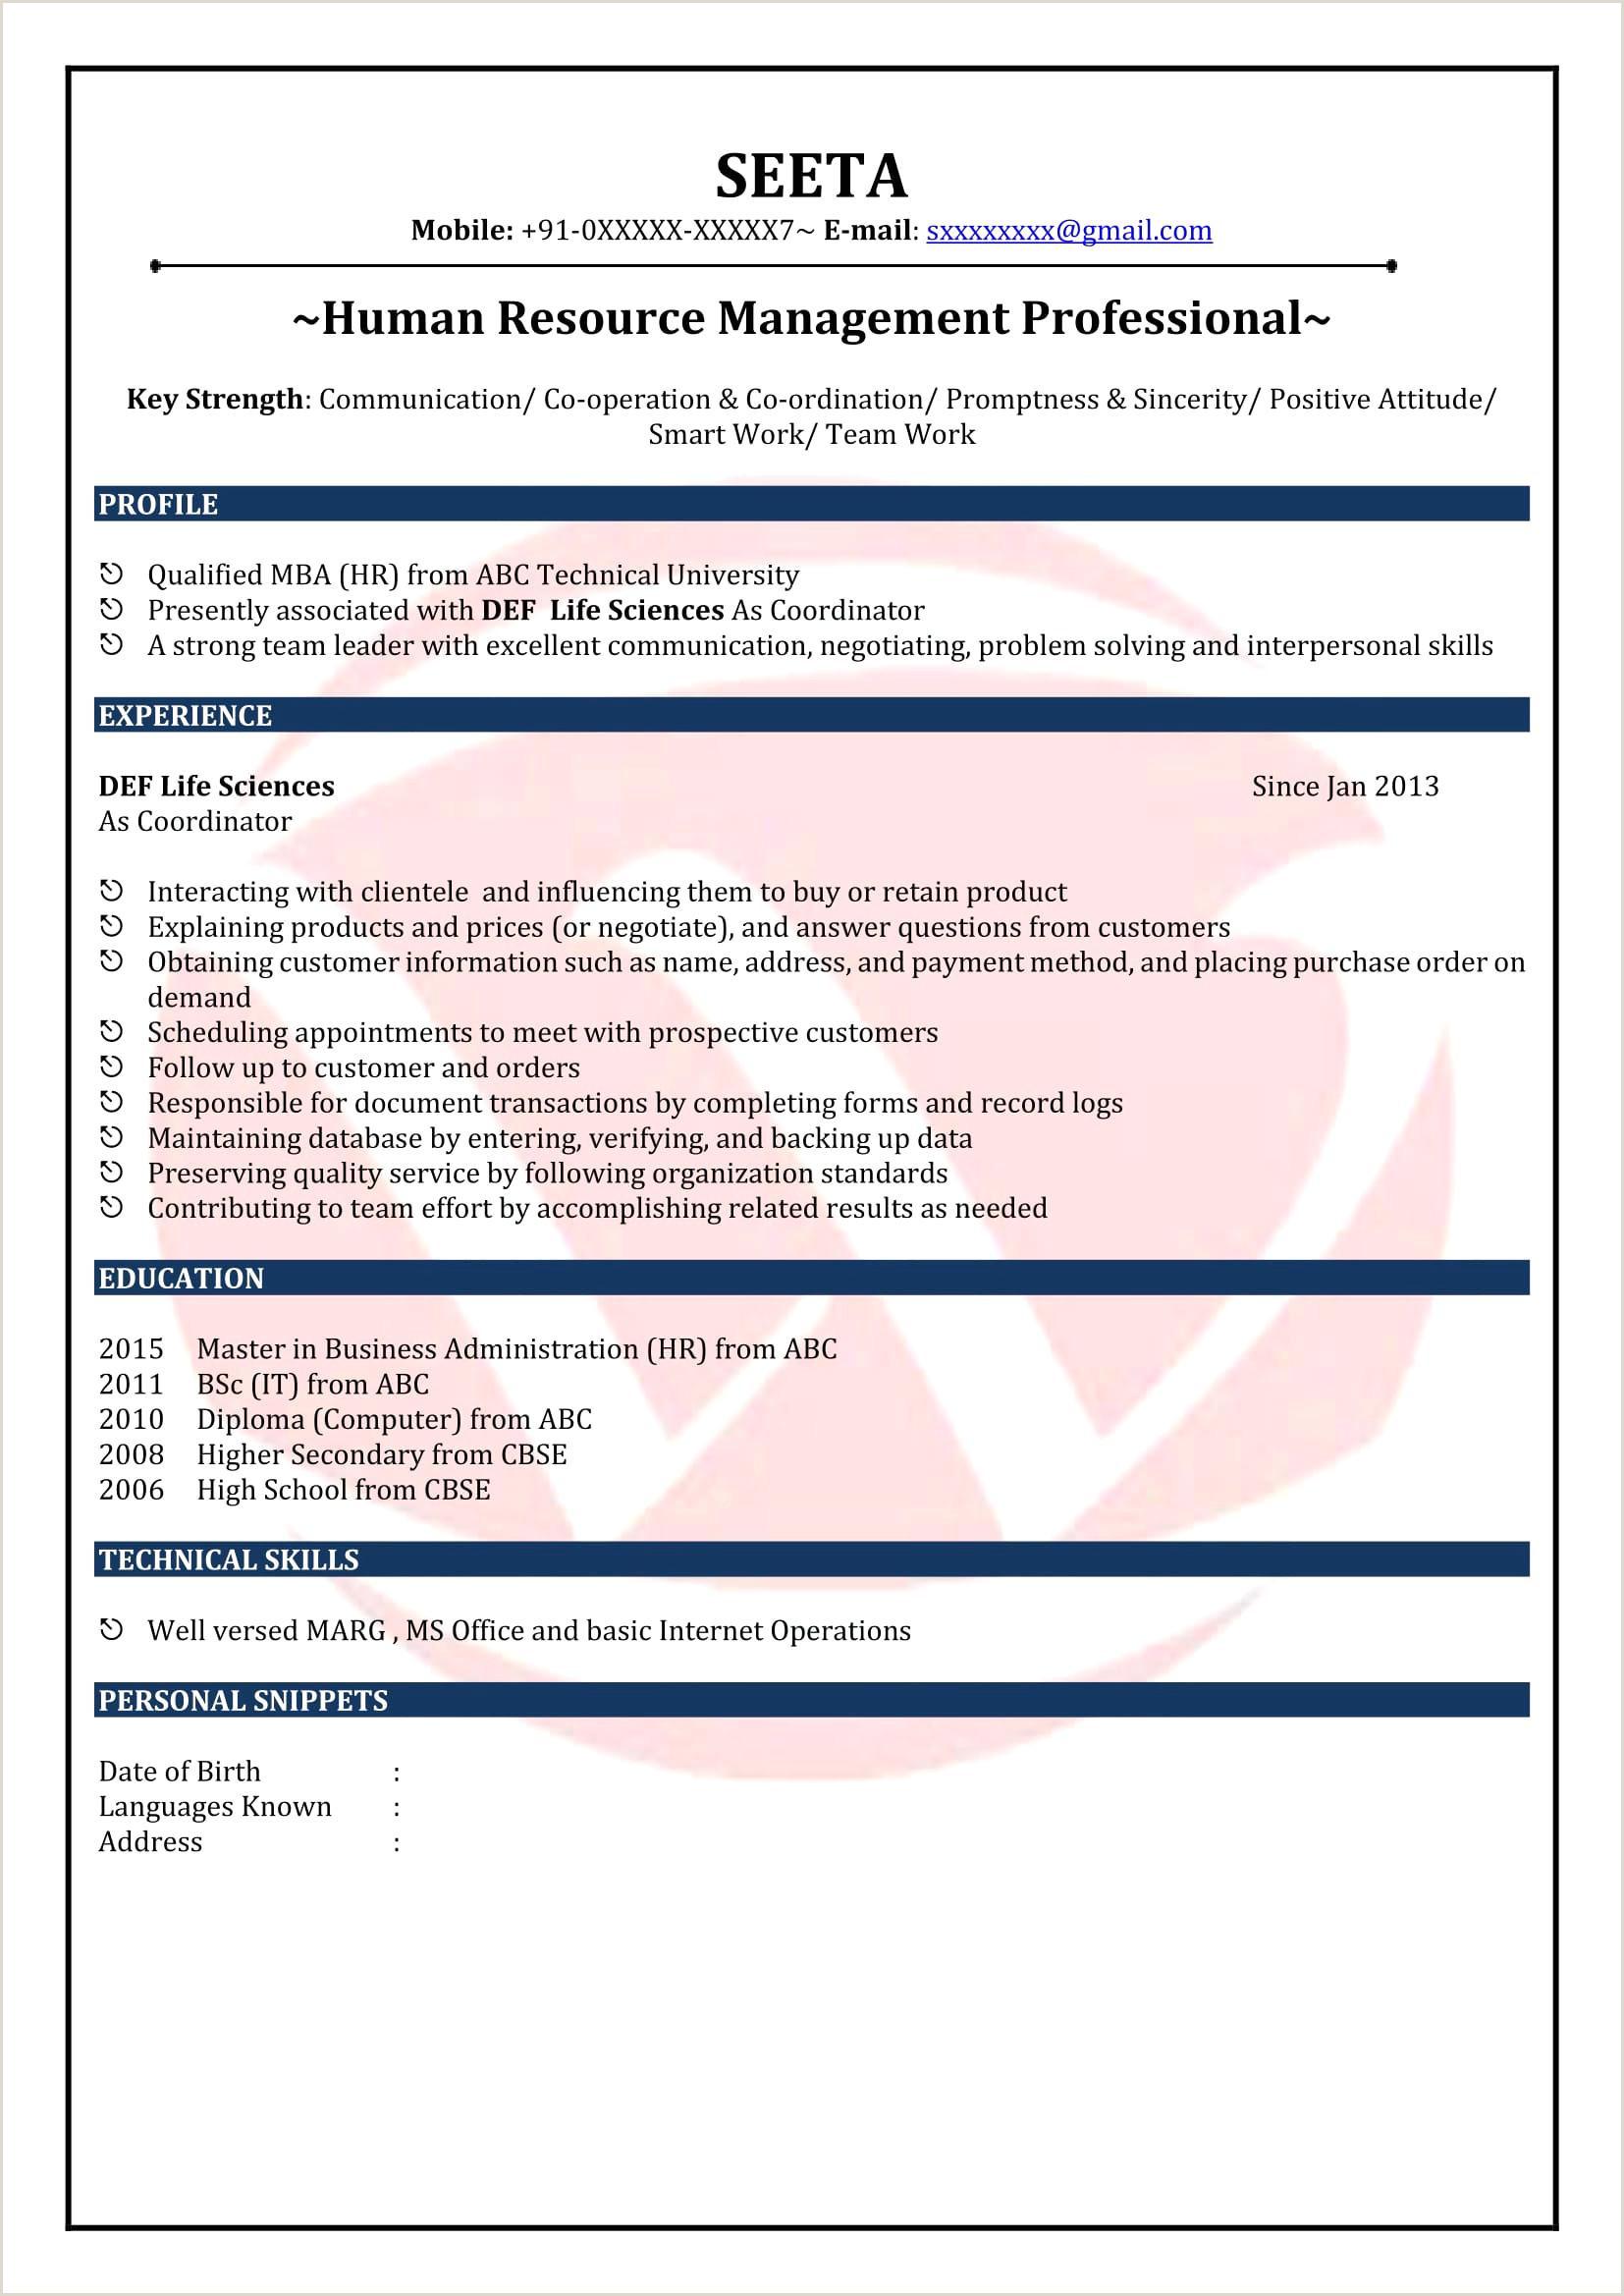 Fresher Resume format Mba Beautiful Mba Fresher Resume format Pdf